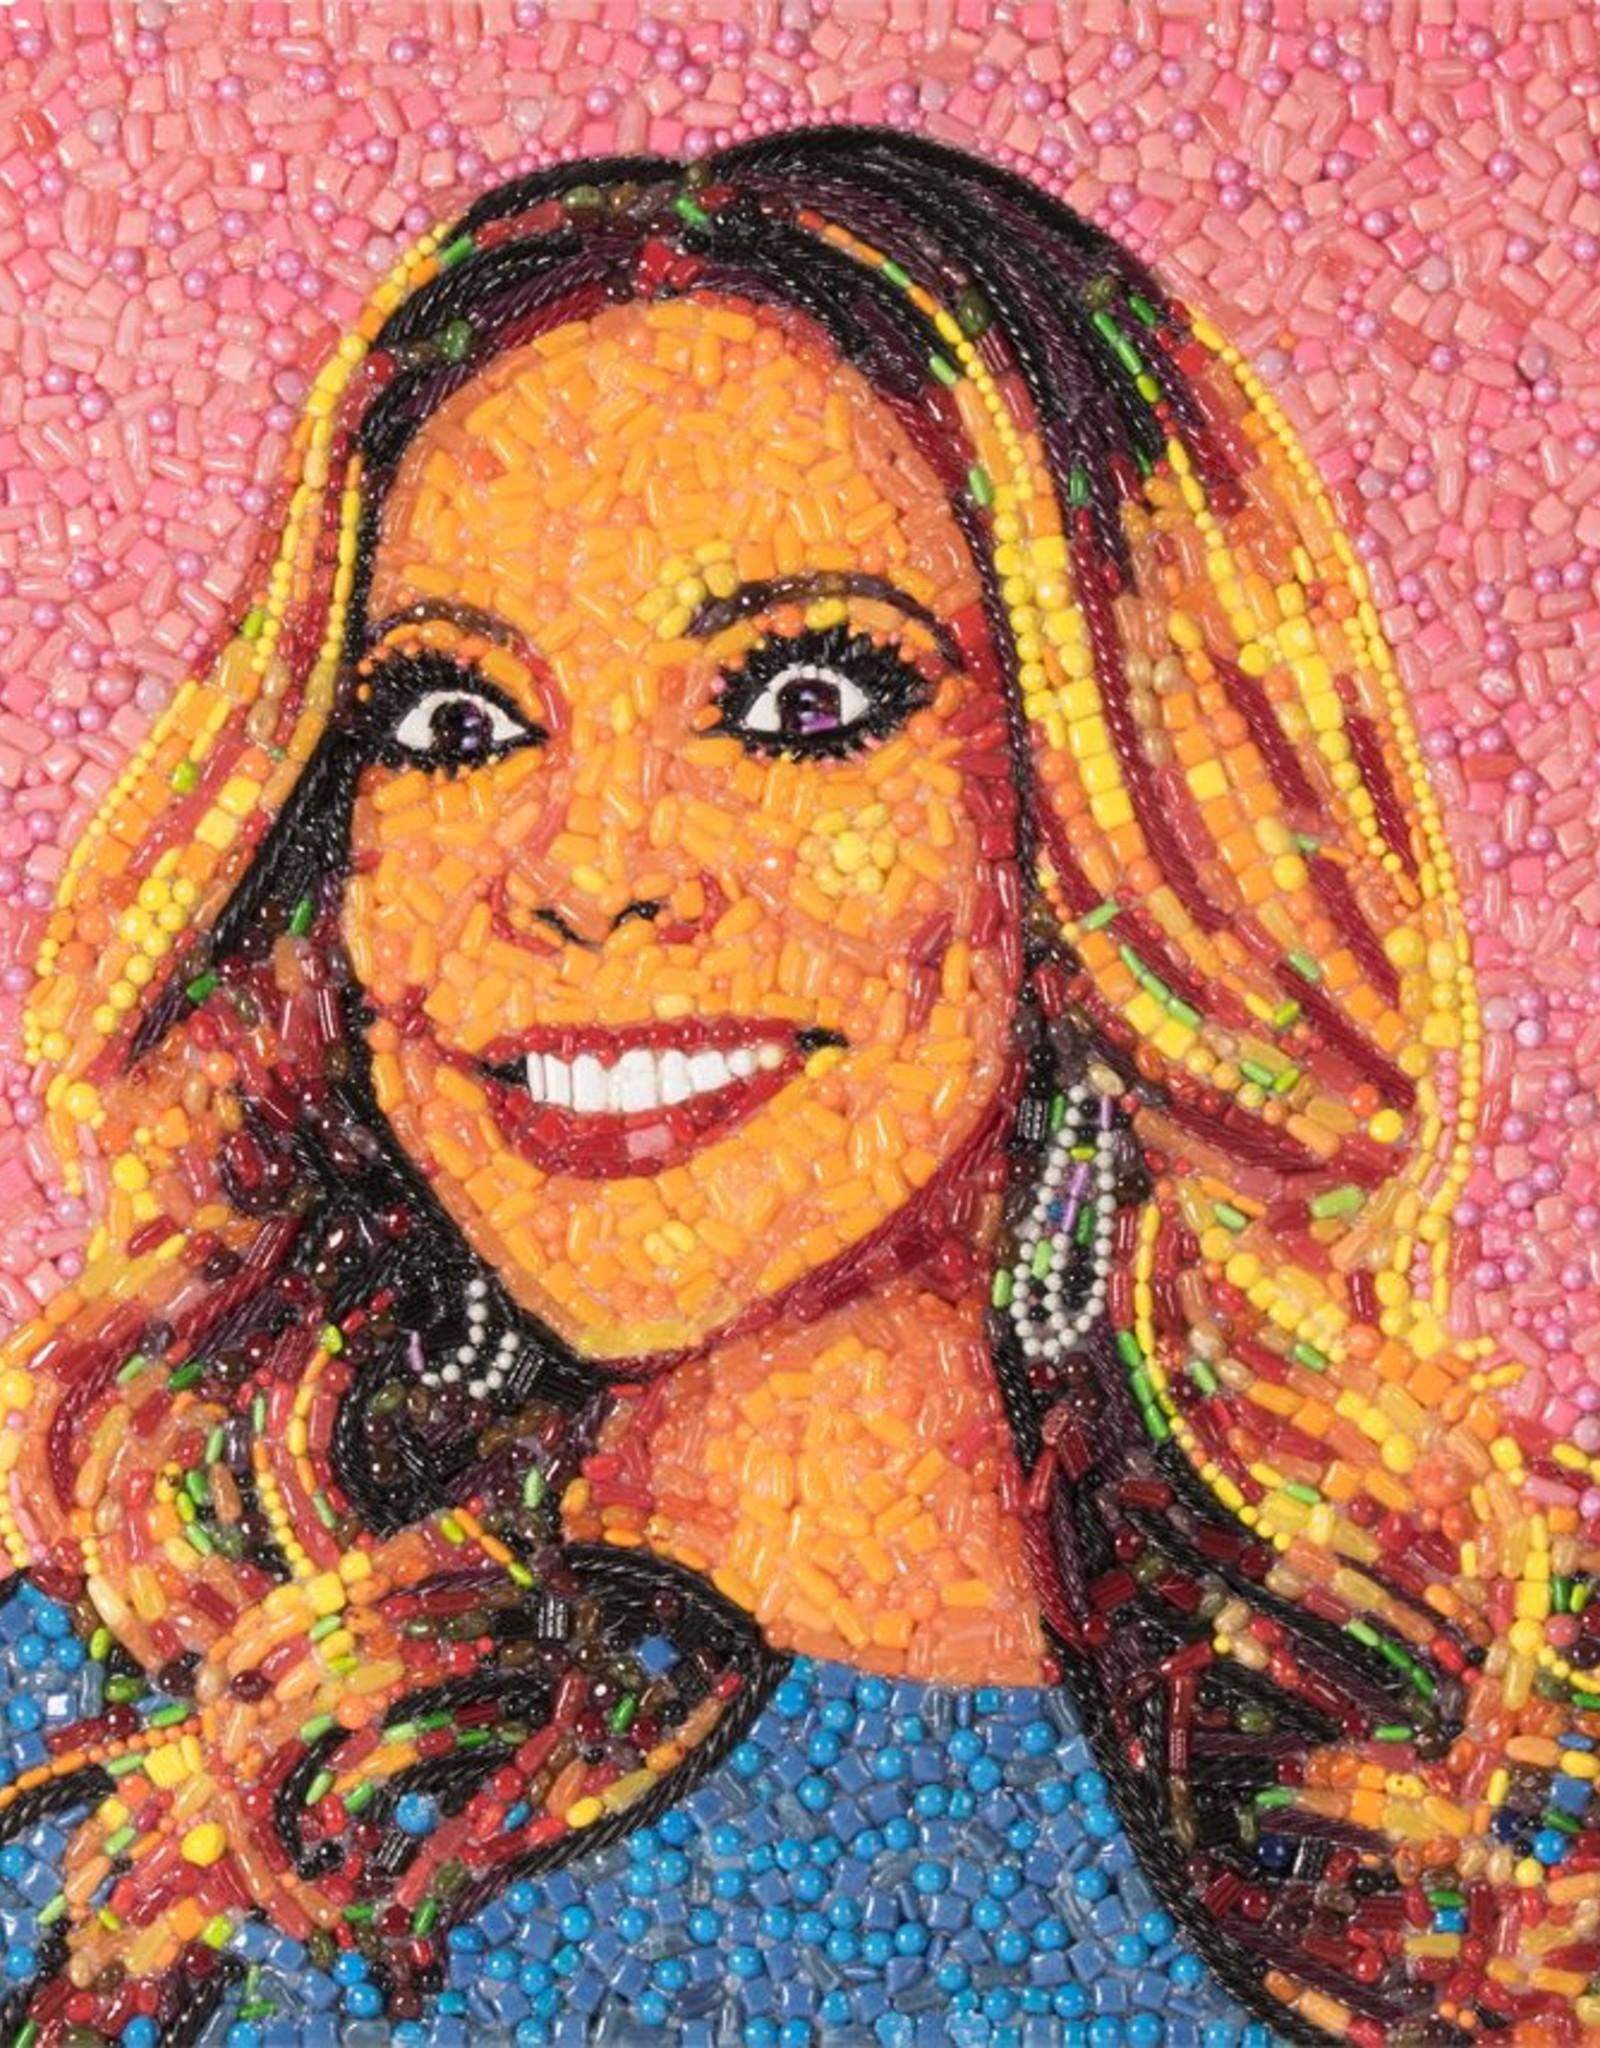 Candylebrity Artwork (30x30) - Wendy Williams